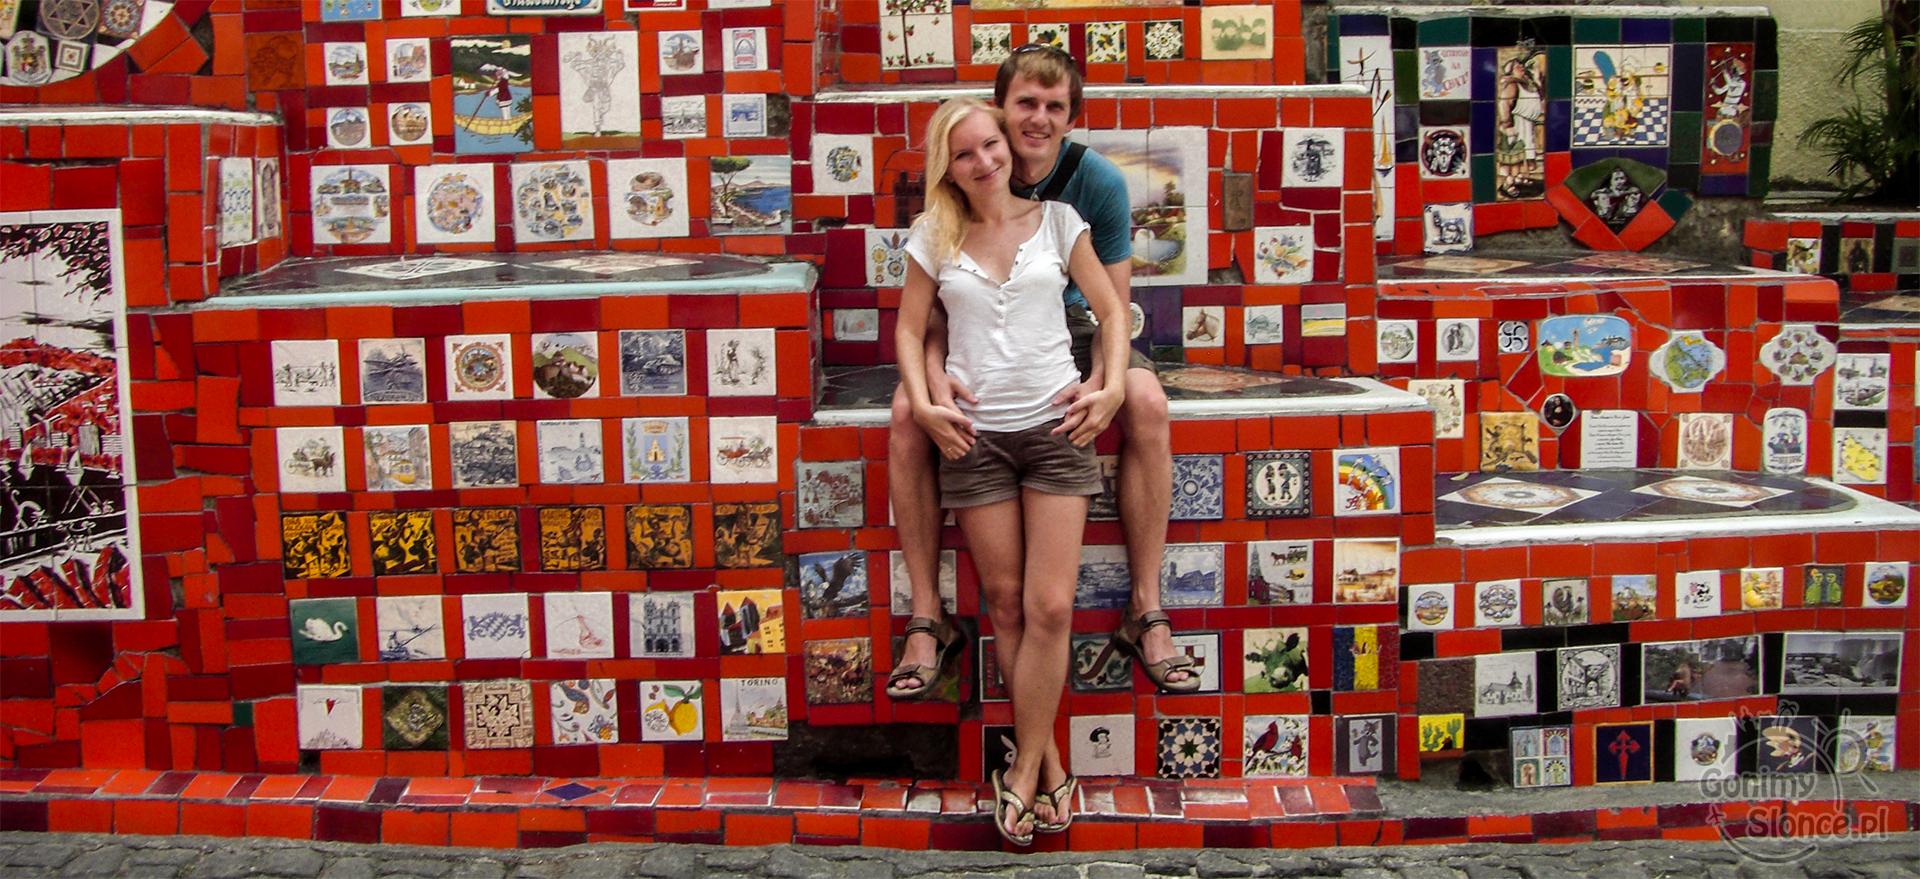 Podróż dokoła świata - przystanek w Rio de Janeiro